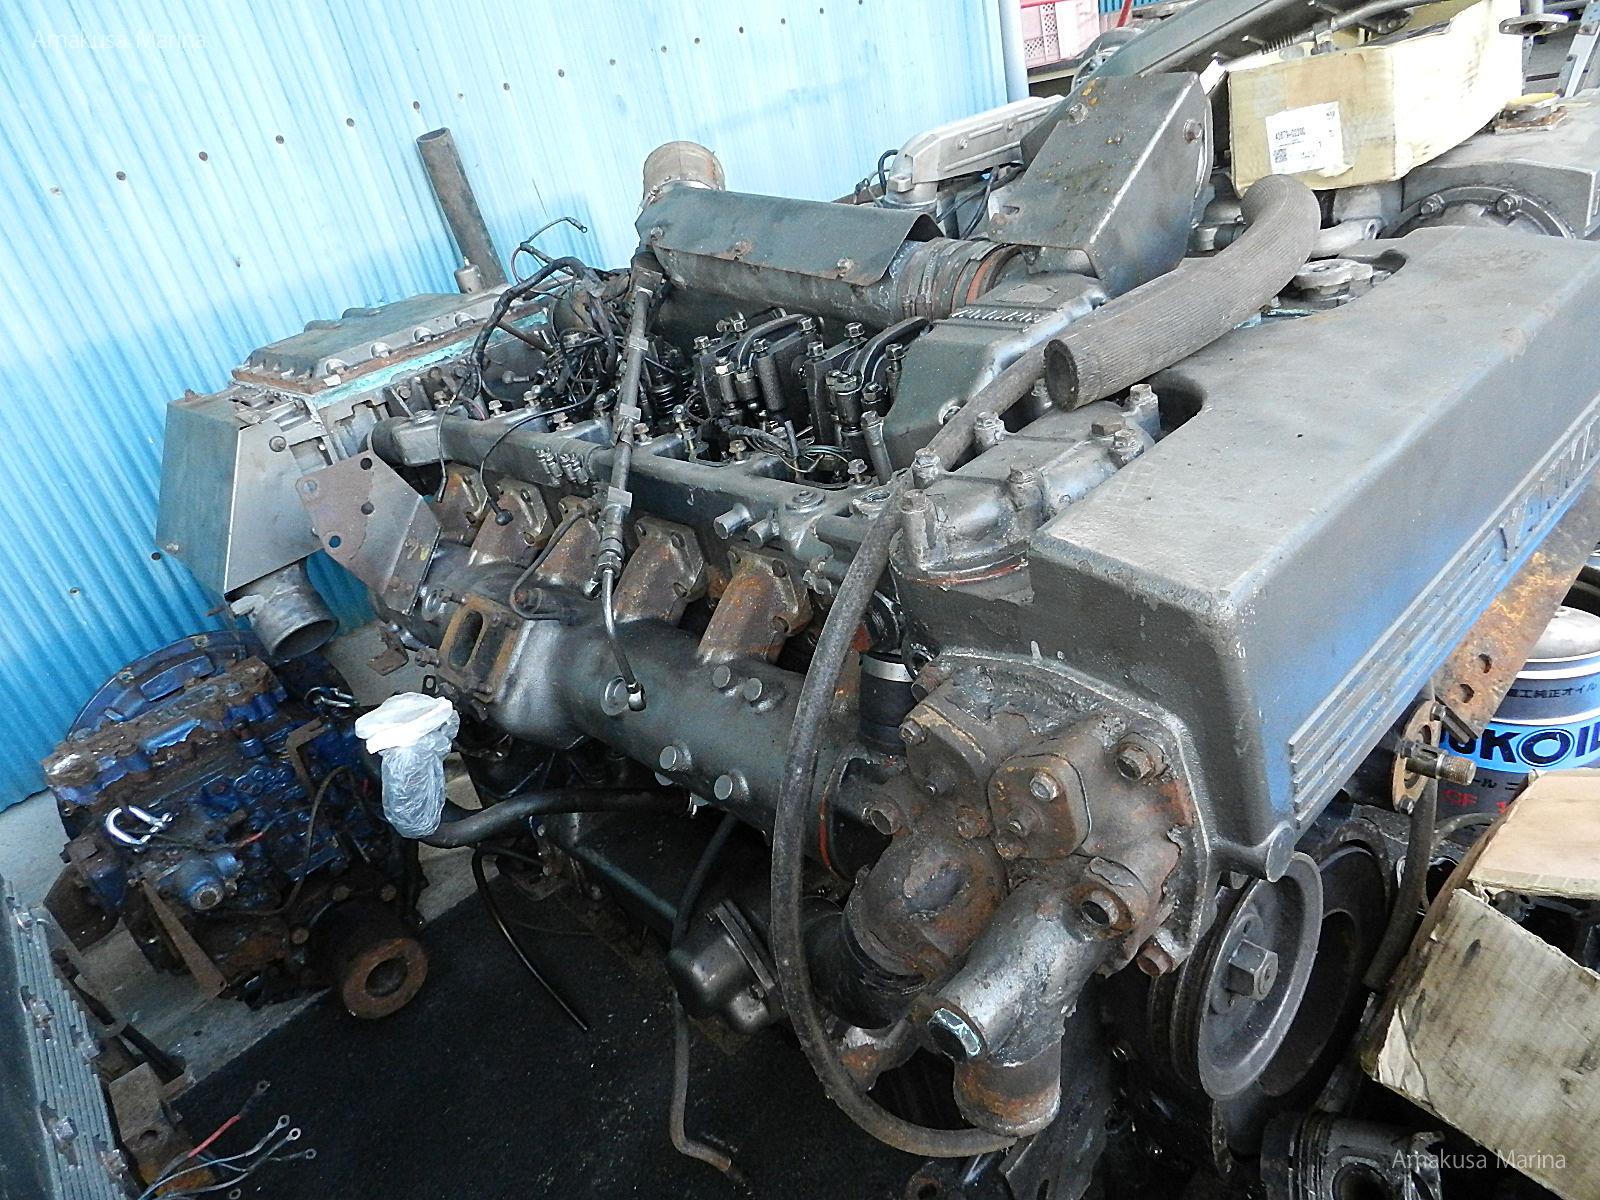 Boat Engine Information | Amakusa Marina & Co.